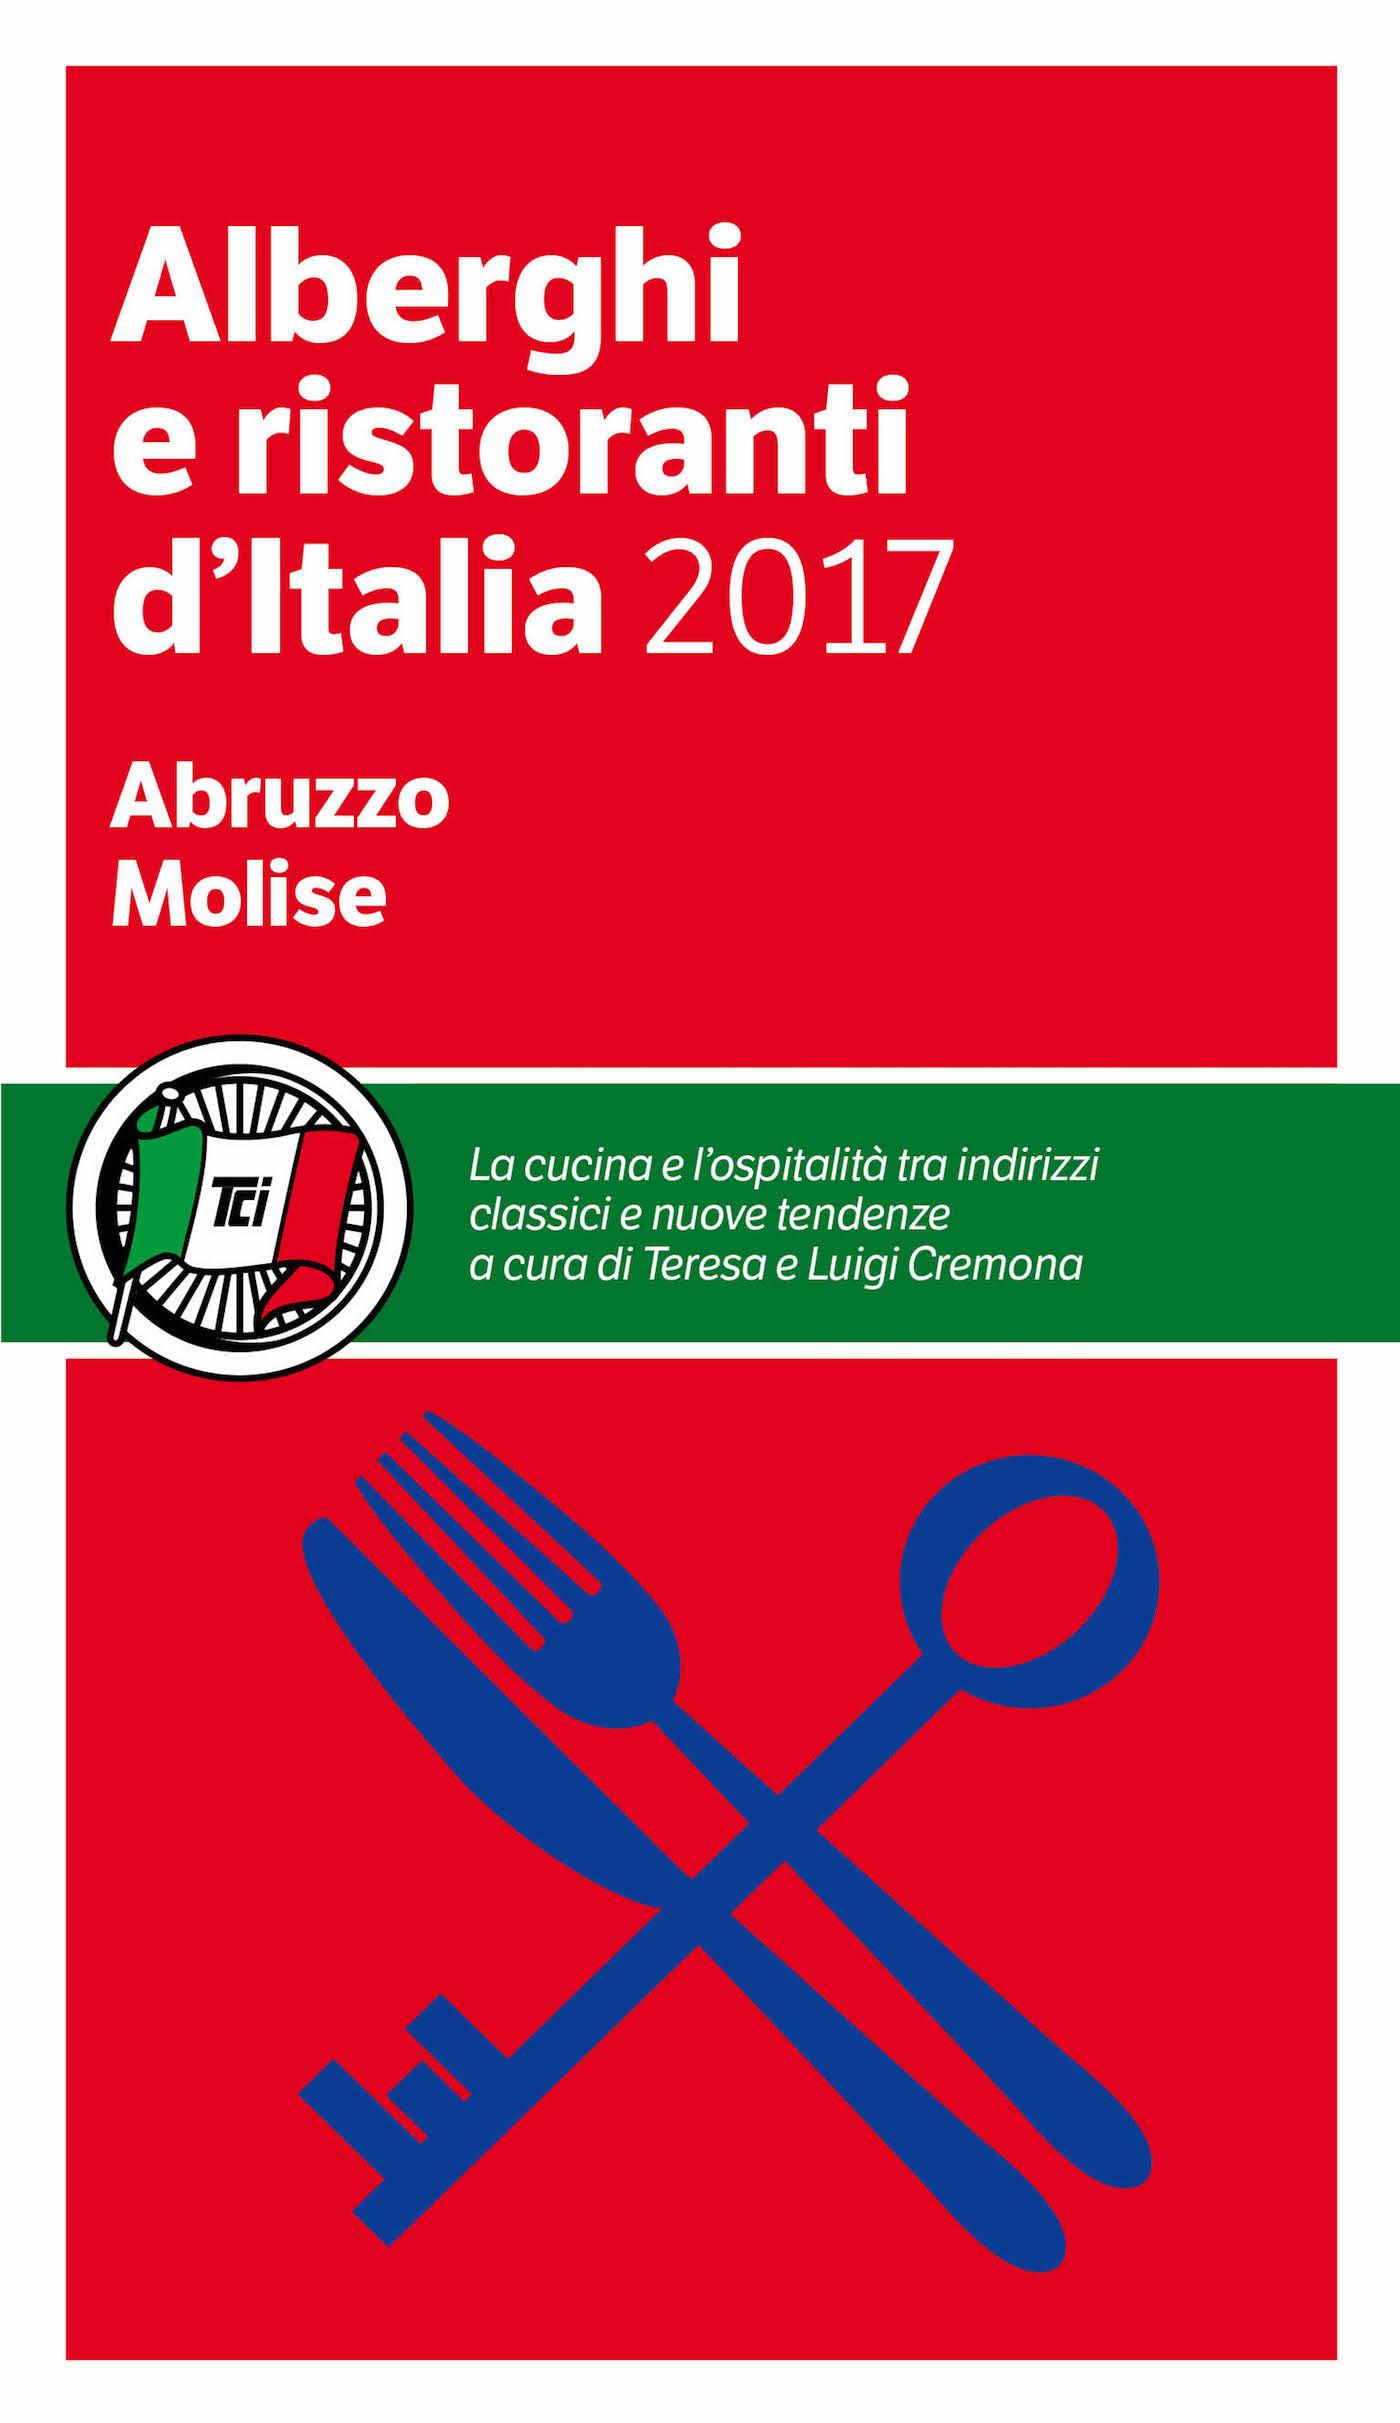 Abruzzo-Molise